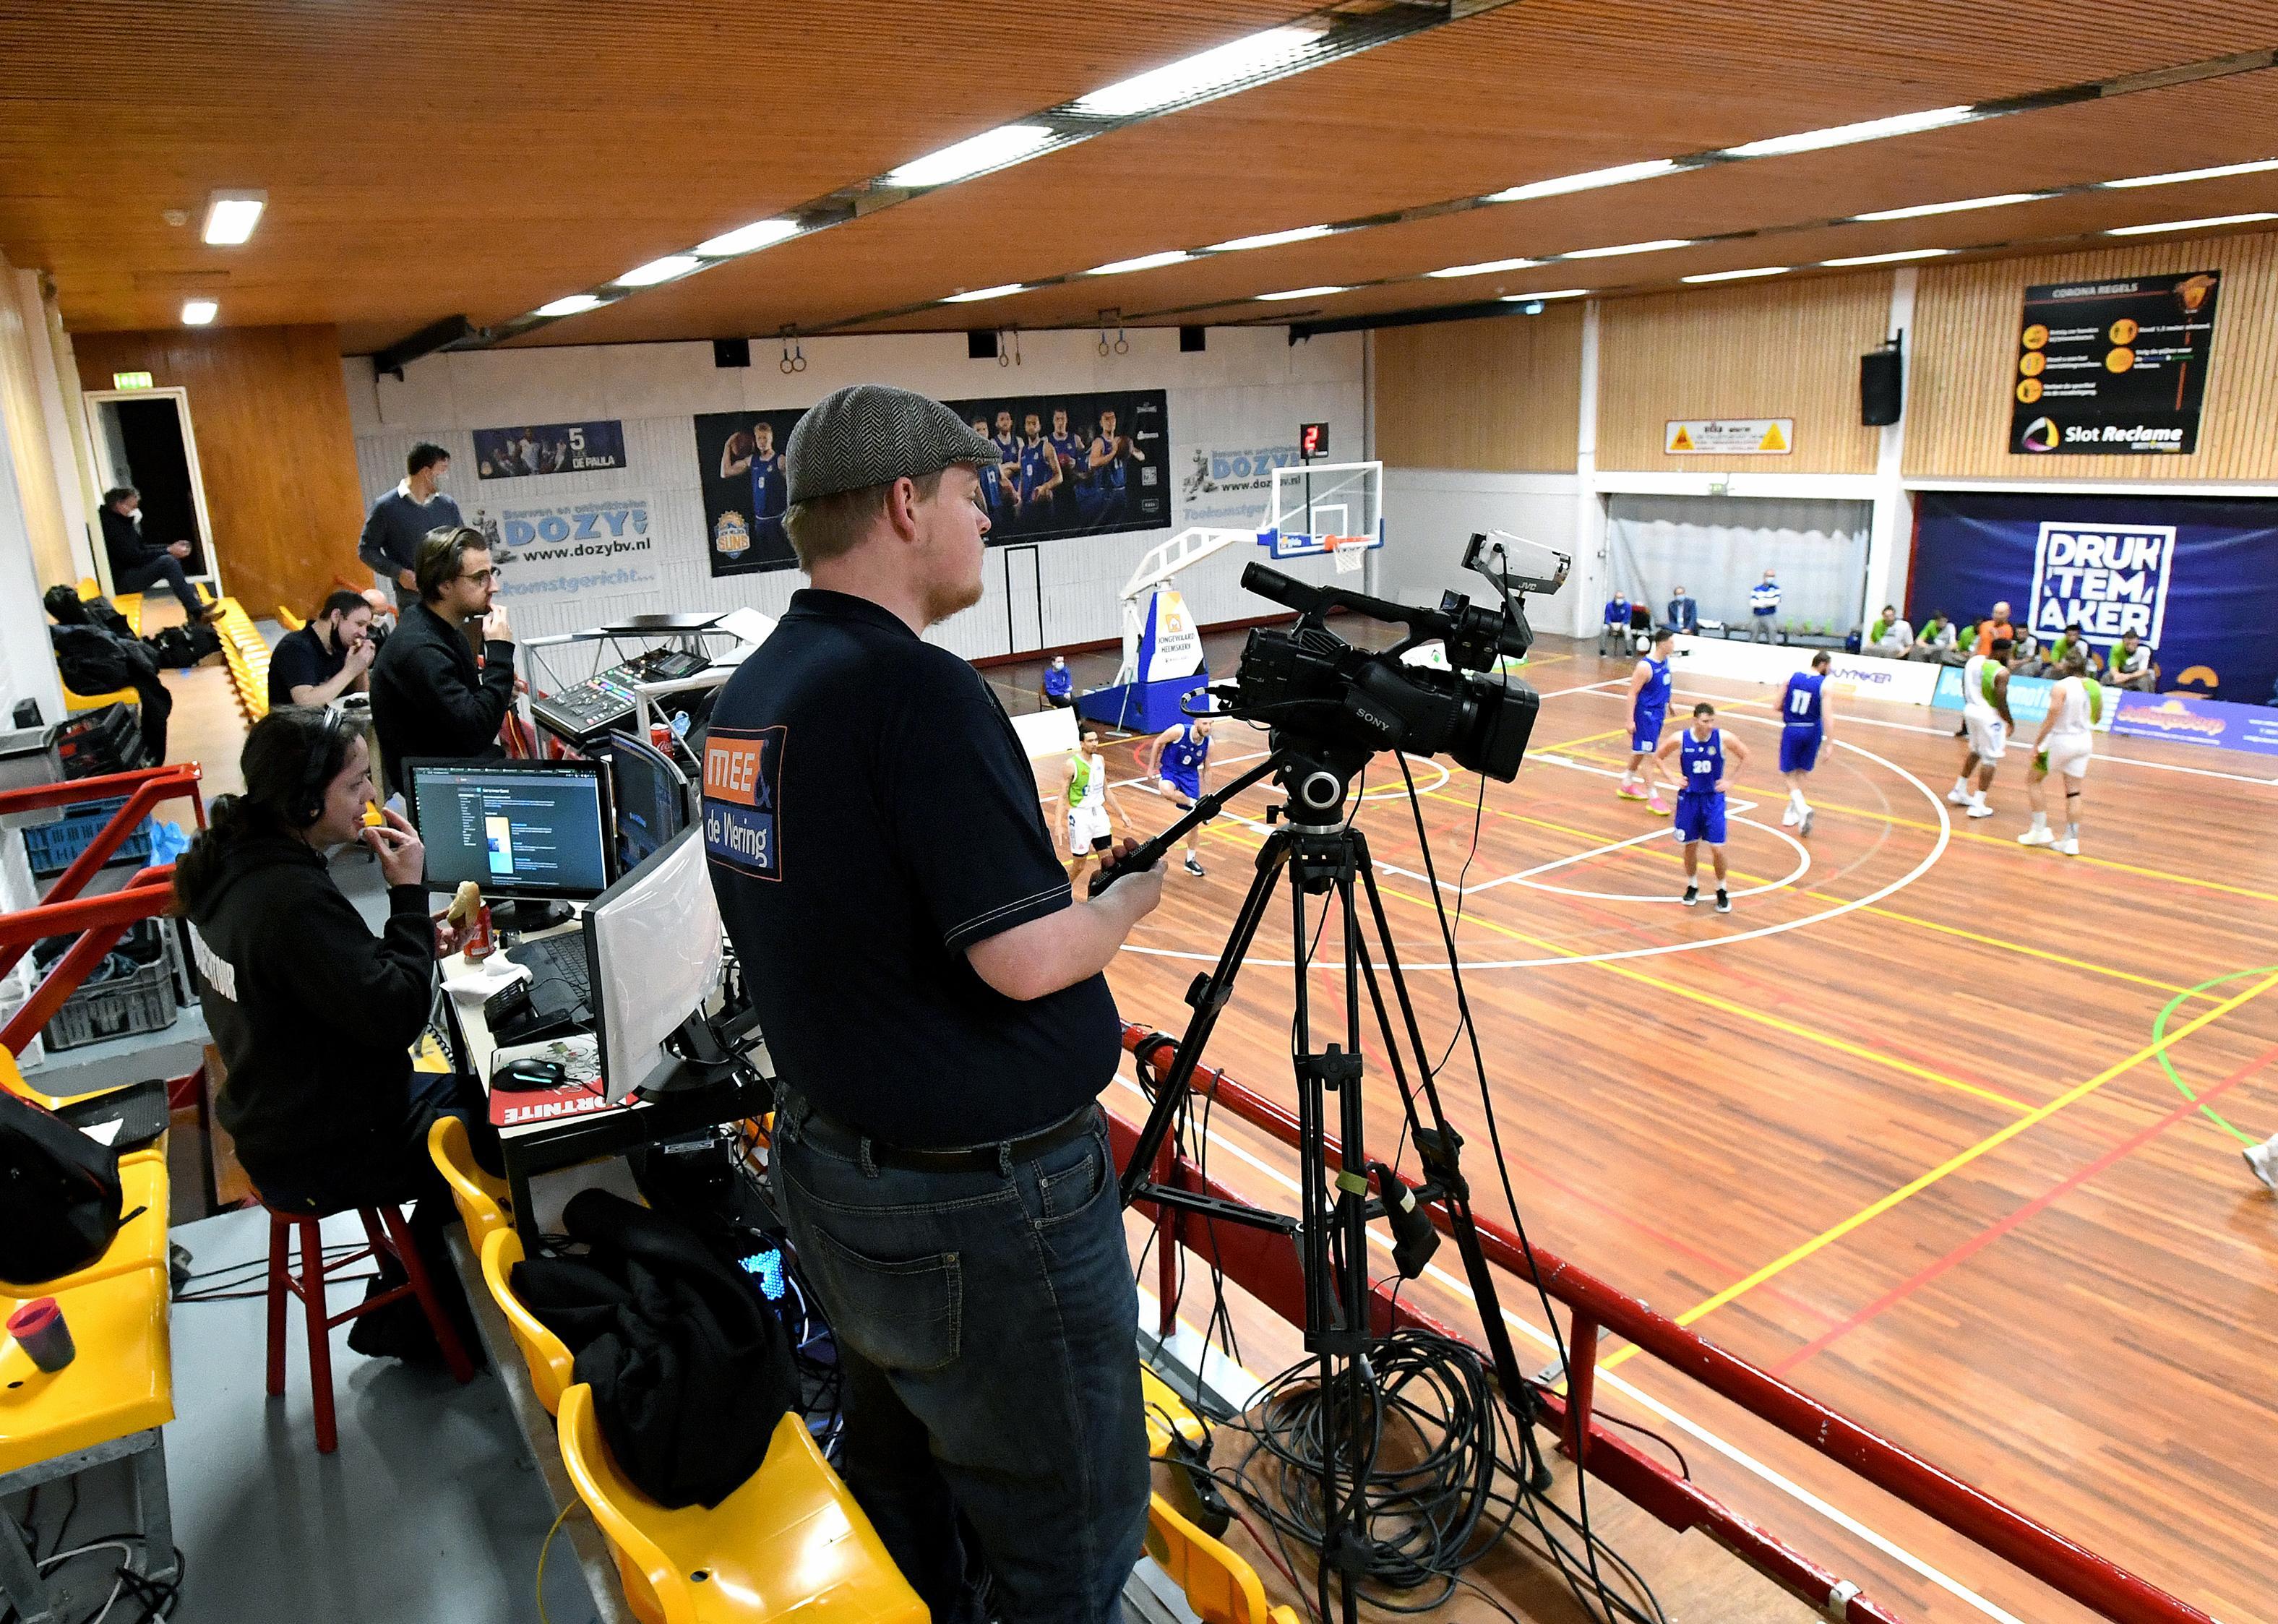 Iedereen in de Dutch Basketball League lijkt blij met 'flauw aftreksel', ook al moeten de clubs flink toeleggen op een competitie zonder publiek